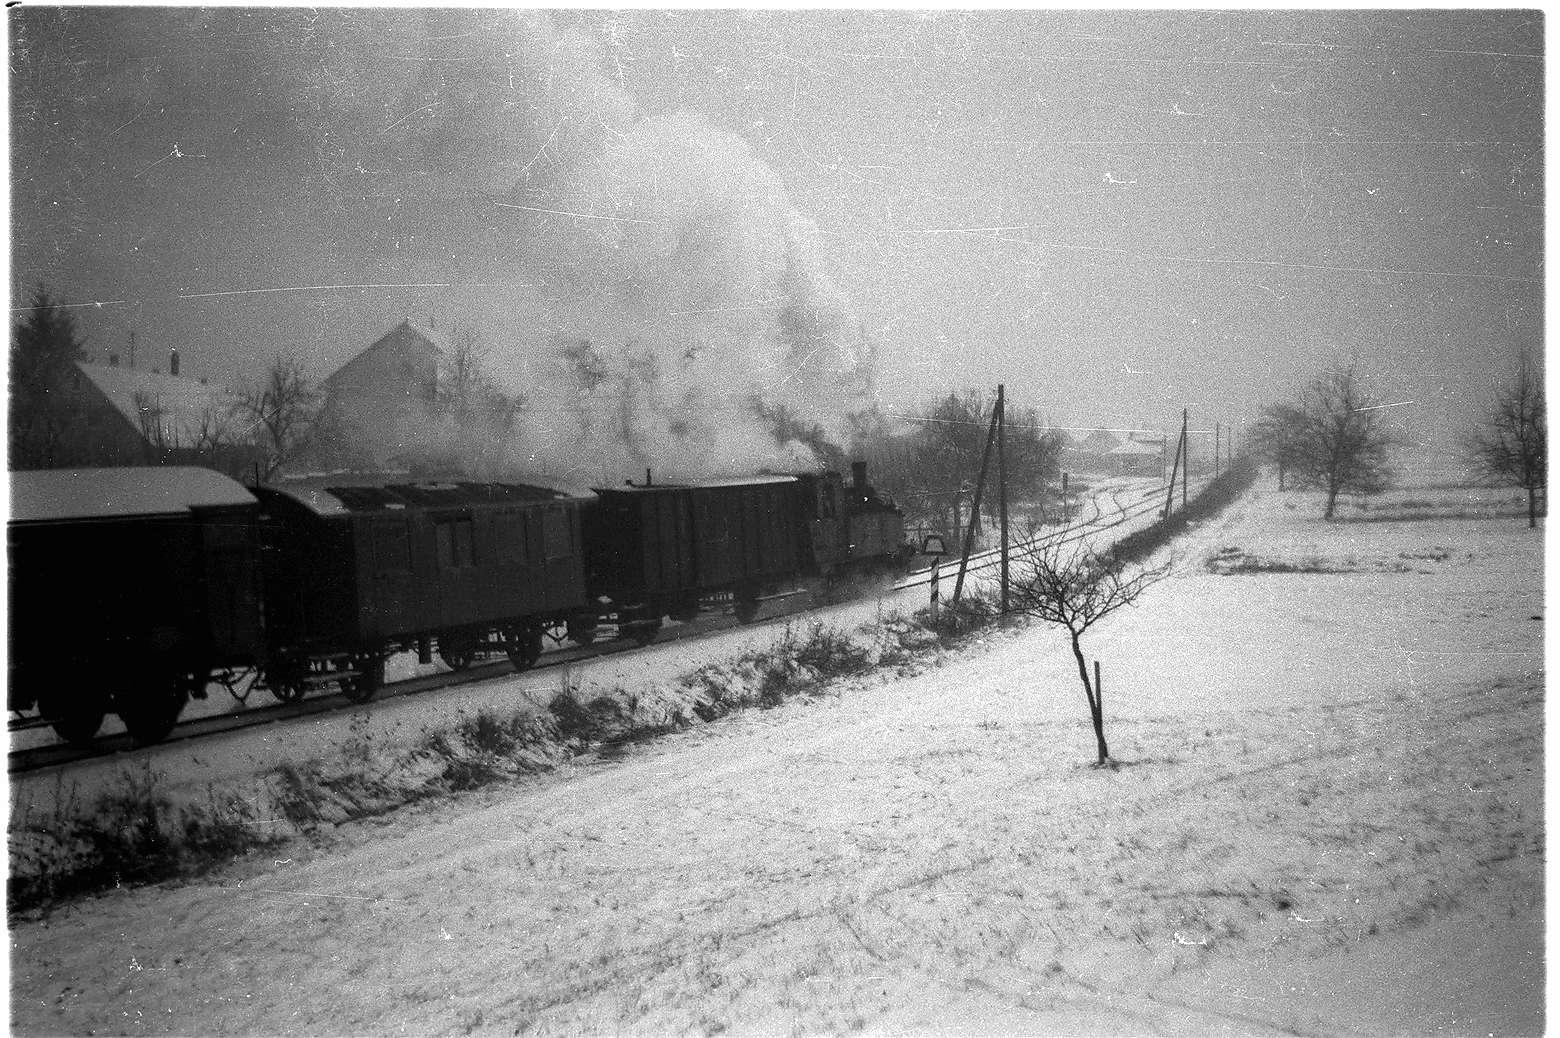 Bei Stein, Lok 12, Zug 305, Bild 1